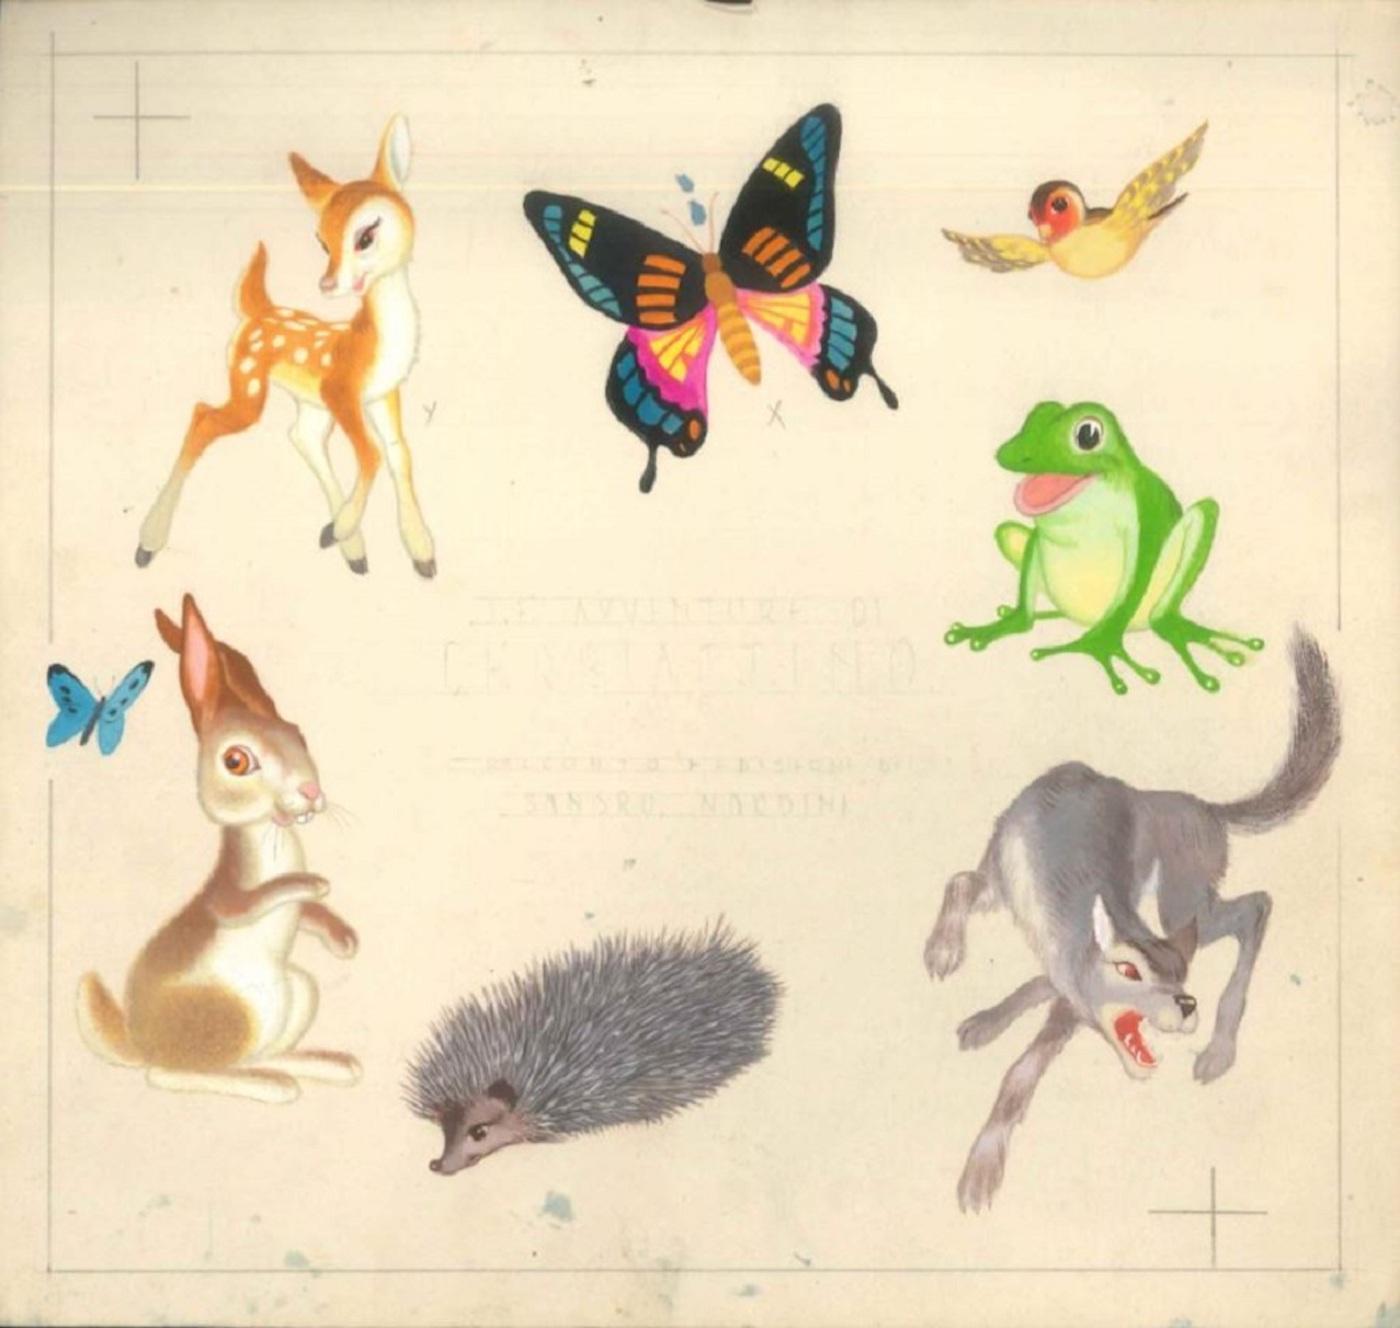 Le Avventure di Cerbiattino - Original Illustrated tale by Sandro Nardini - 1940